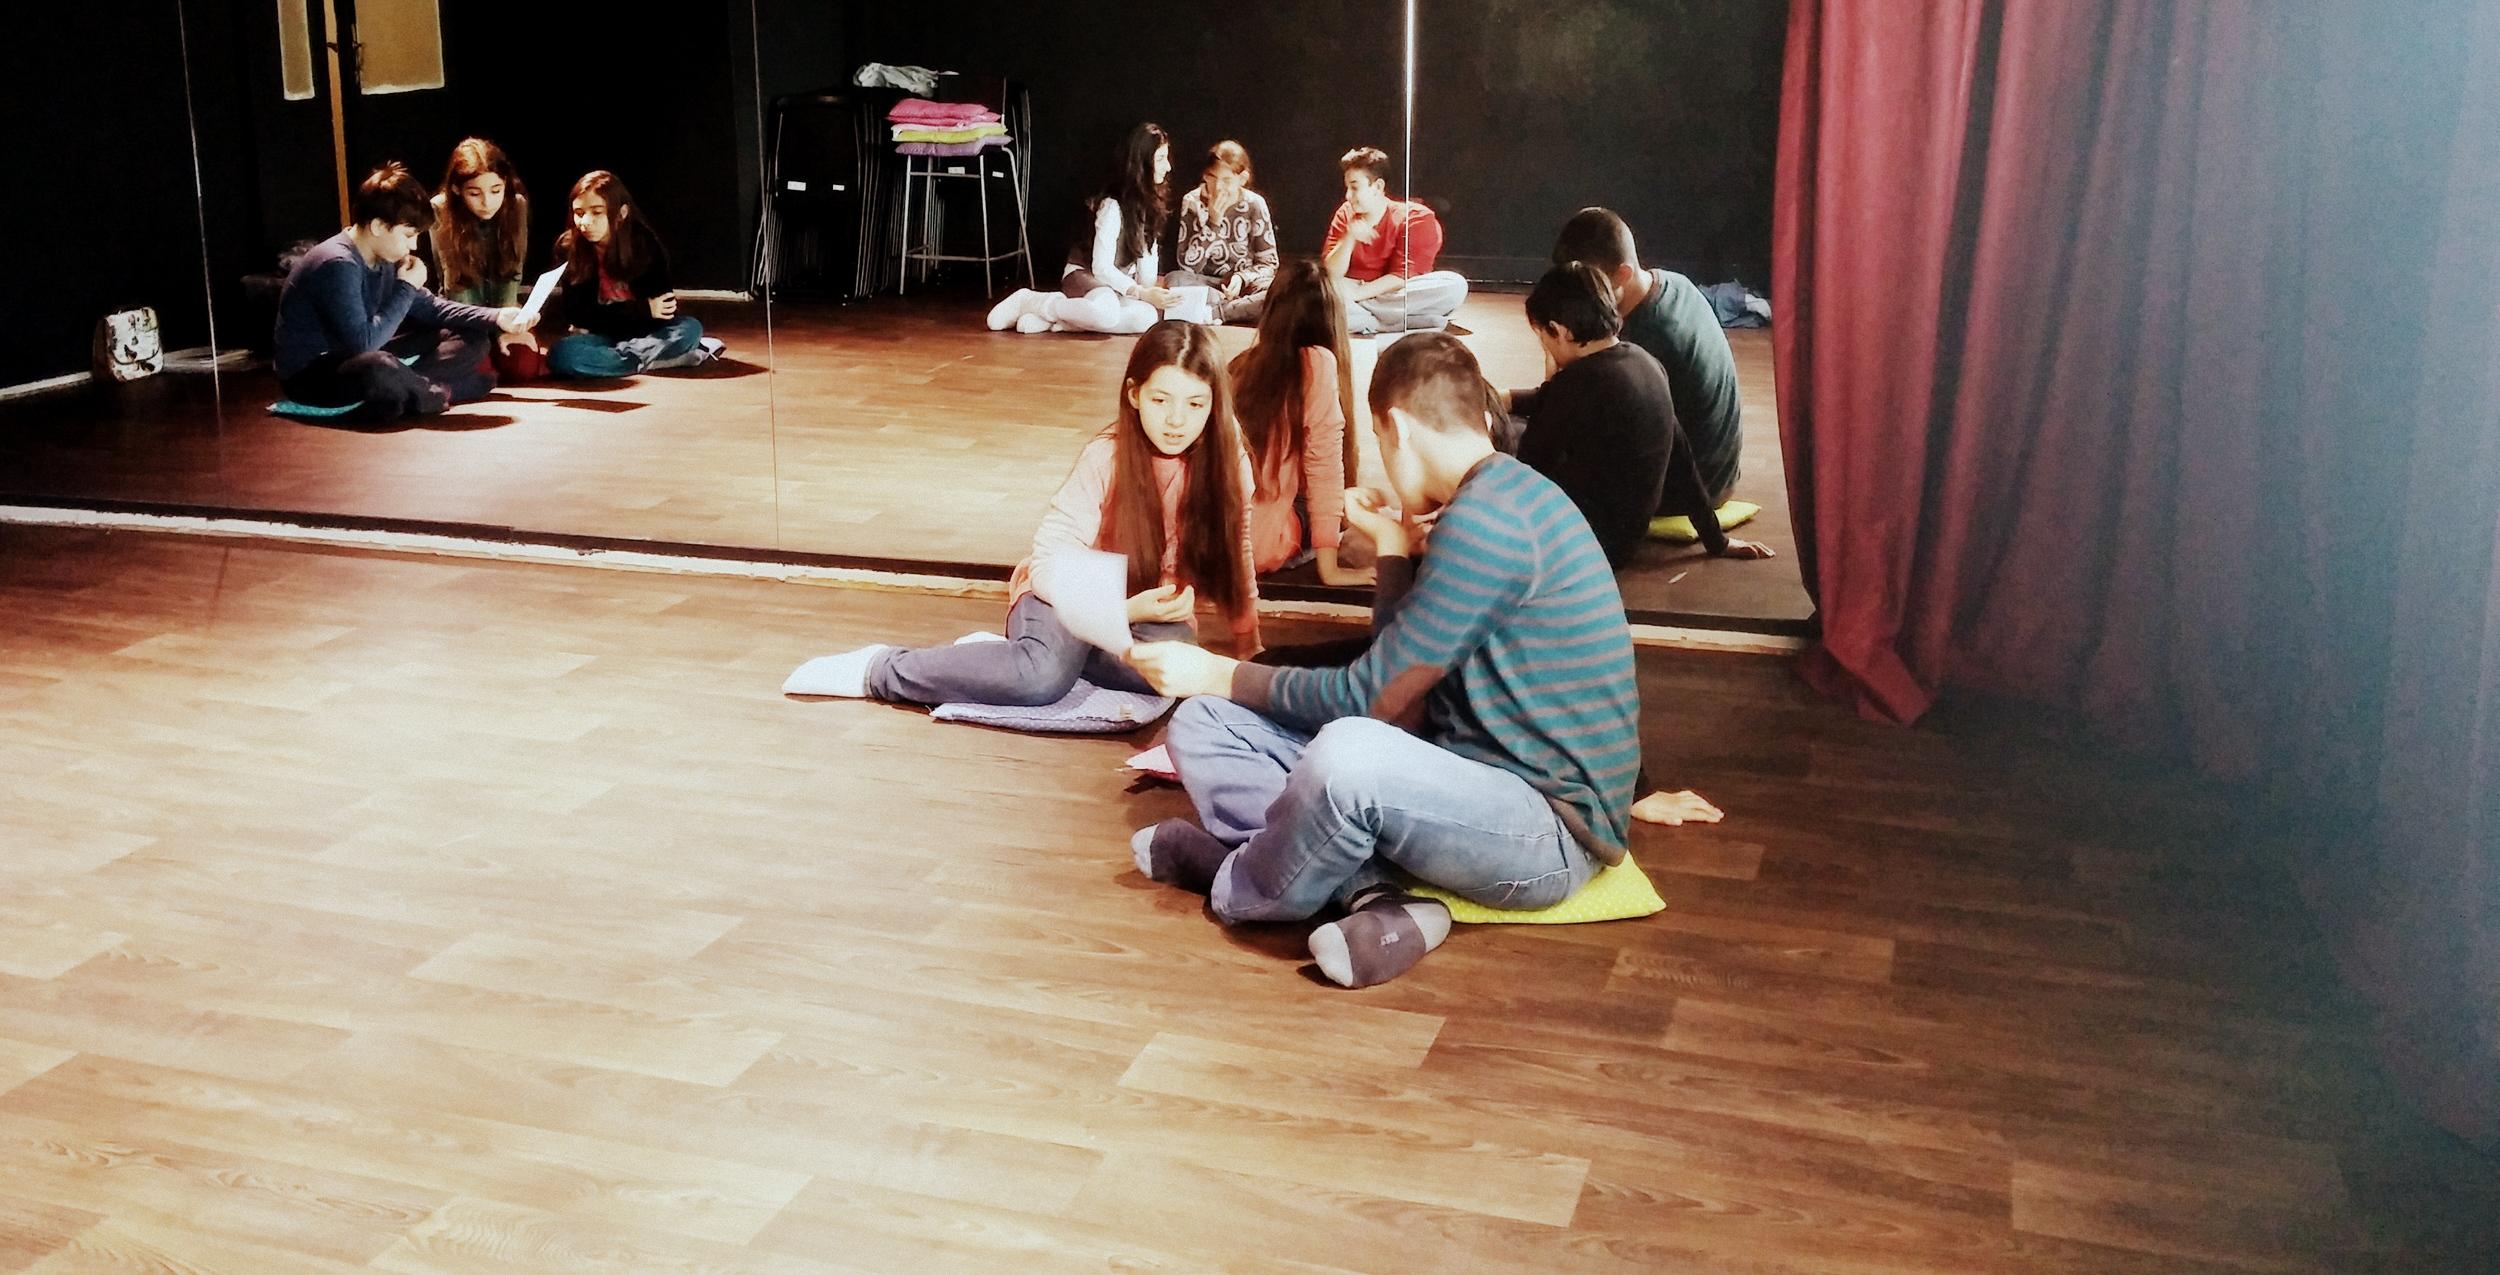 tiyatrohane yaratıcı drama 25.jpg